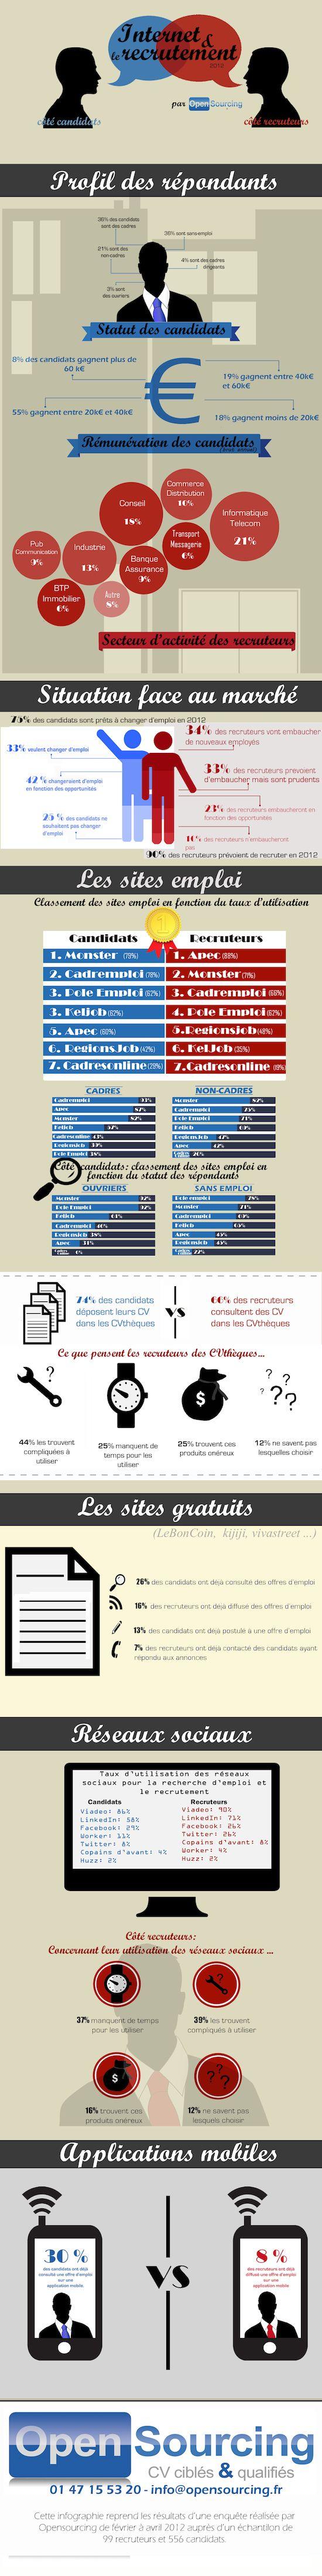 État des lieux infographique sur le recrutement social et mobile.